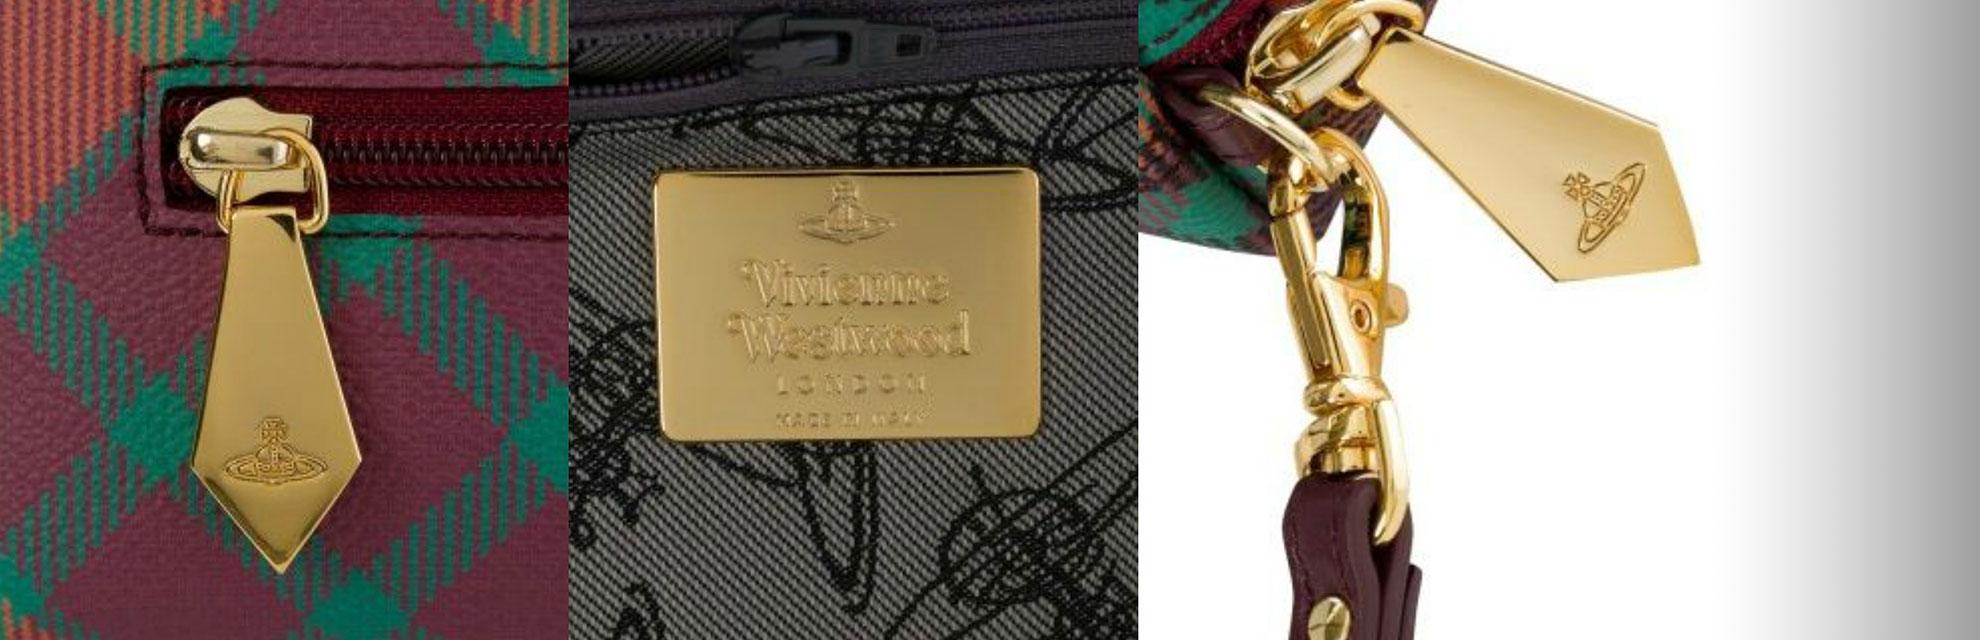 Staff Picks: Vivienne Westwood Tartan Derby Collection